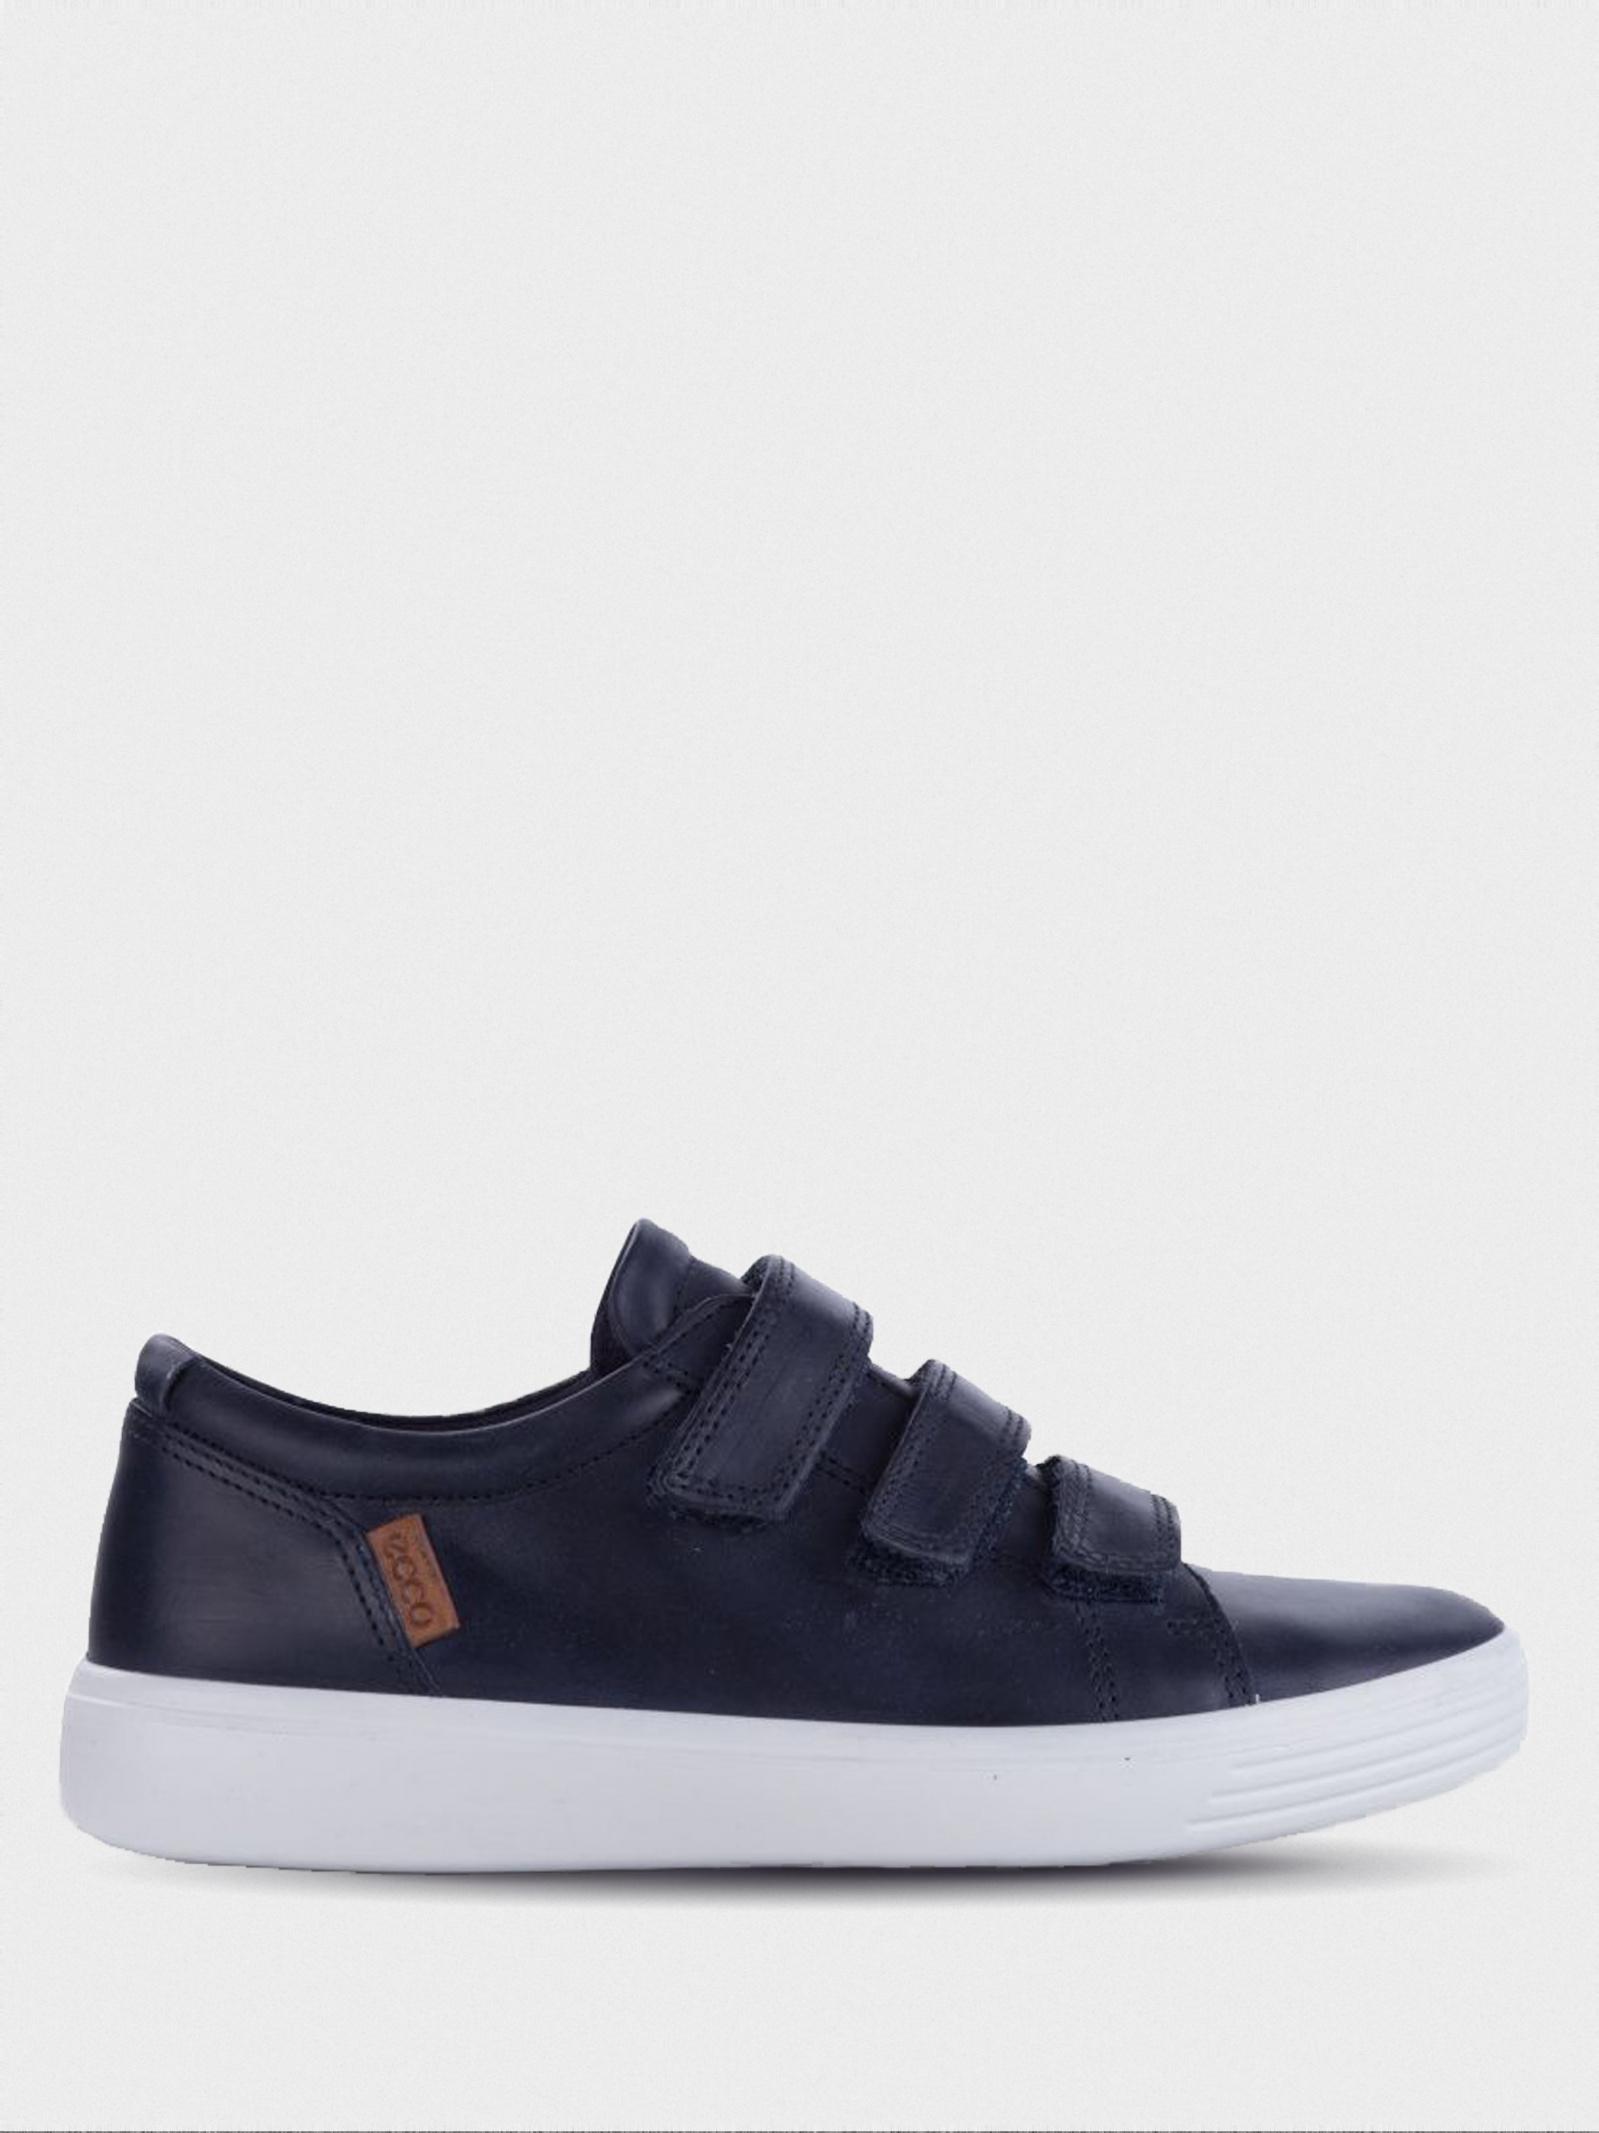 Полуботинки для детей ECCO S7 TEEN ZK3389 брендовая обувь, 2017